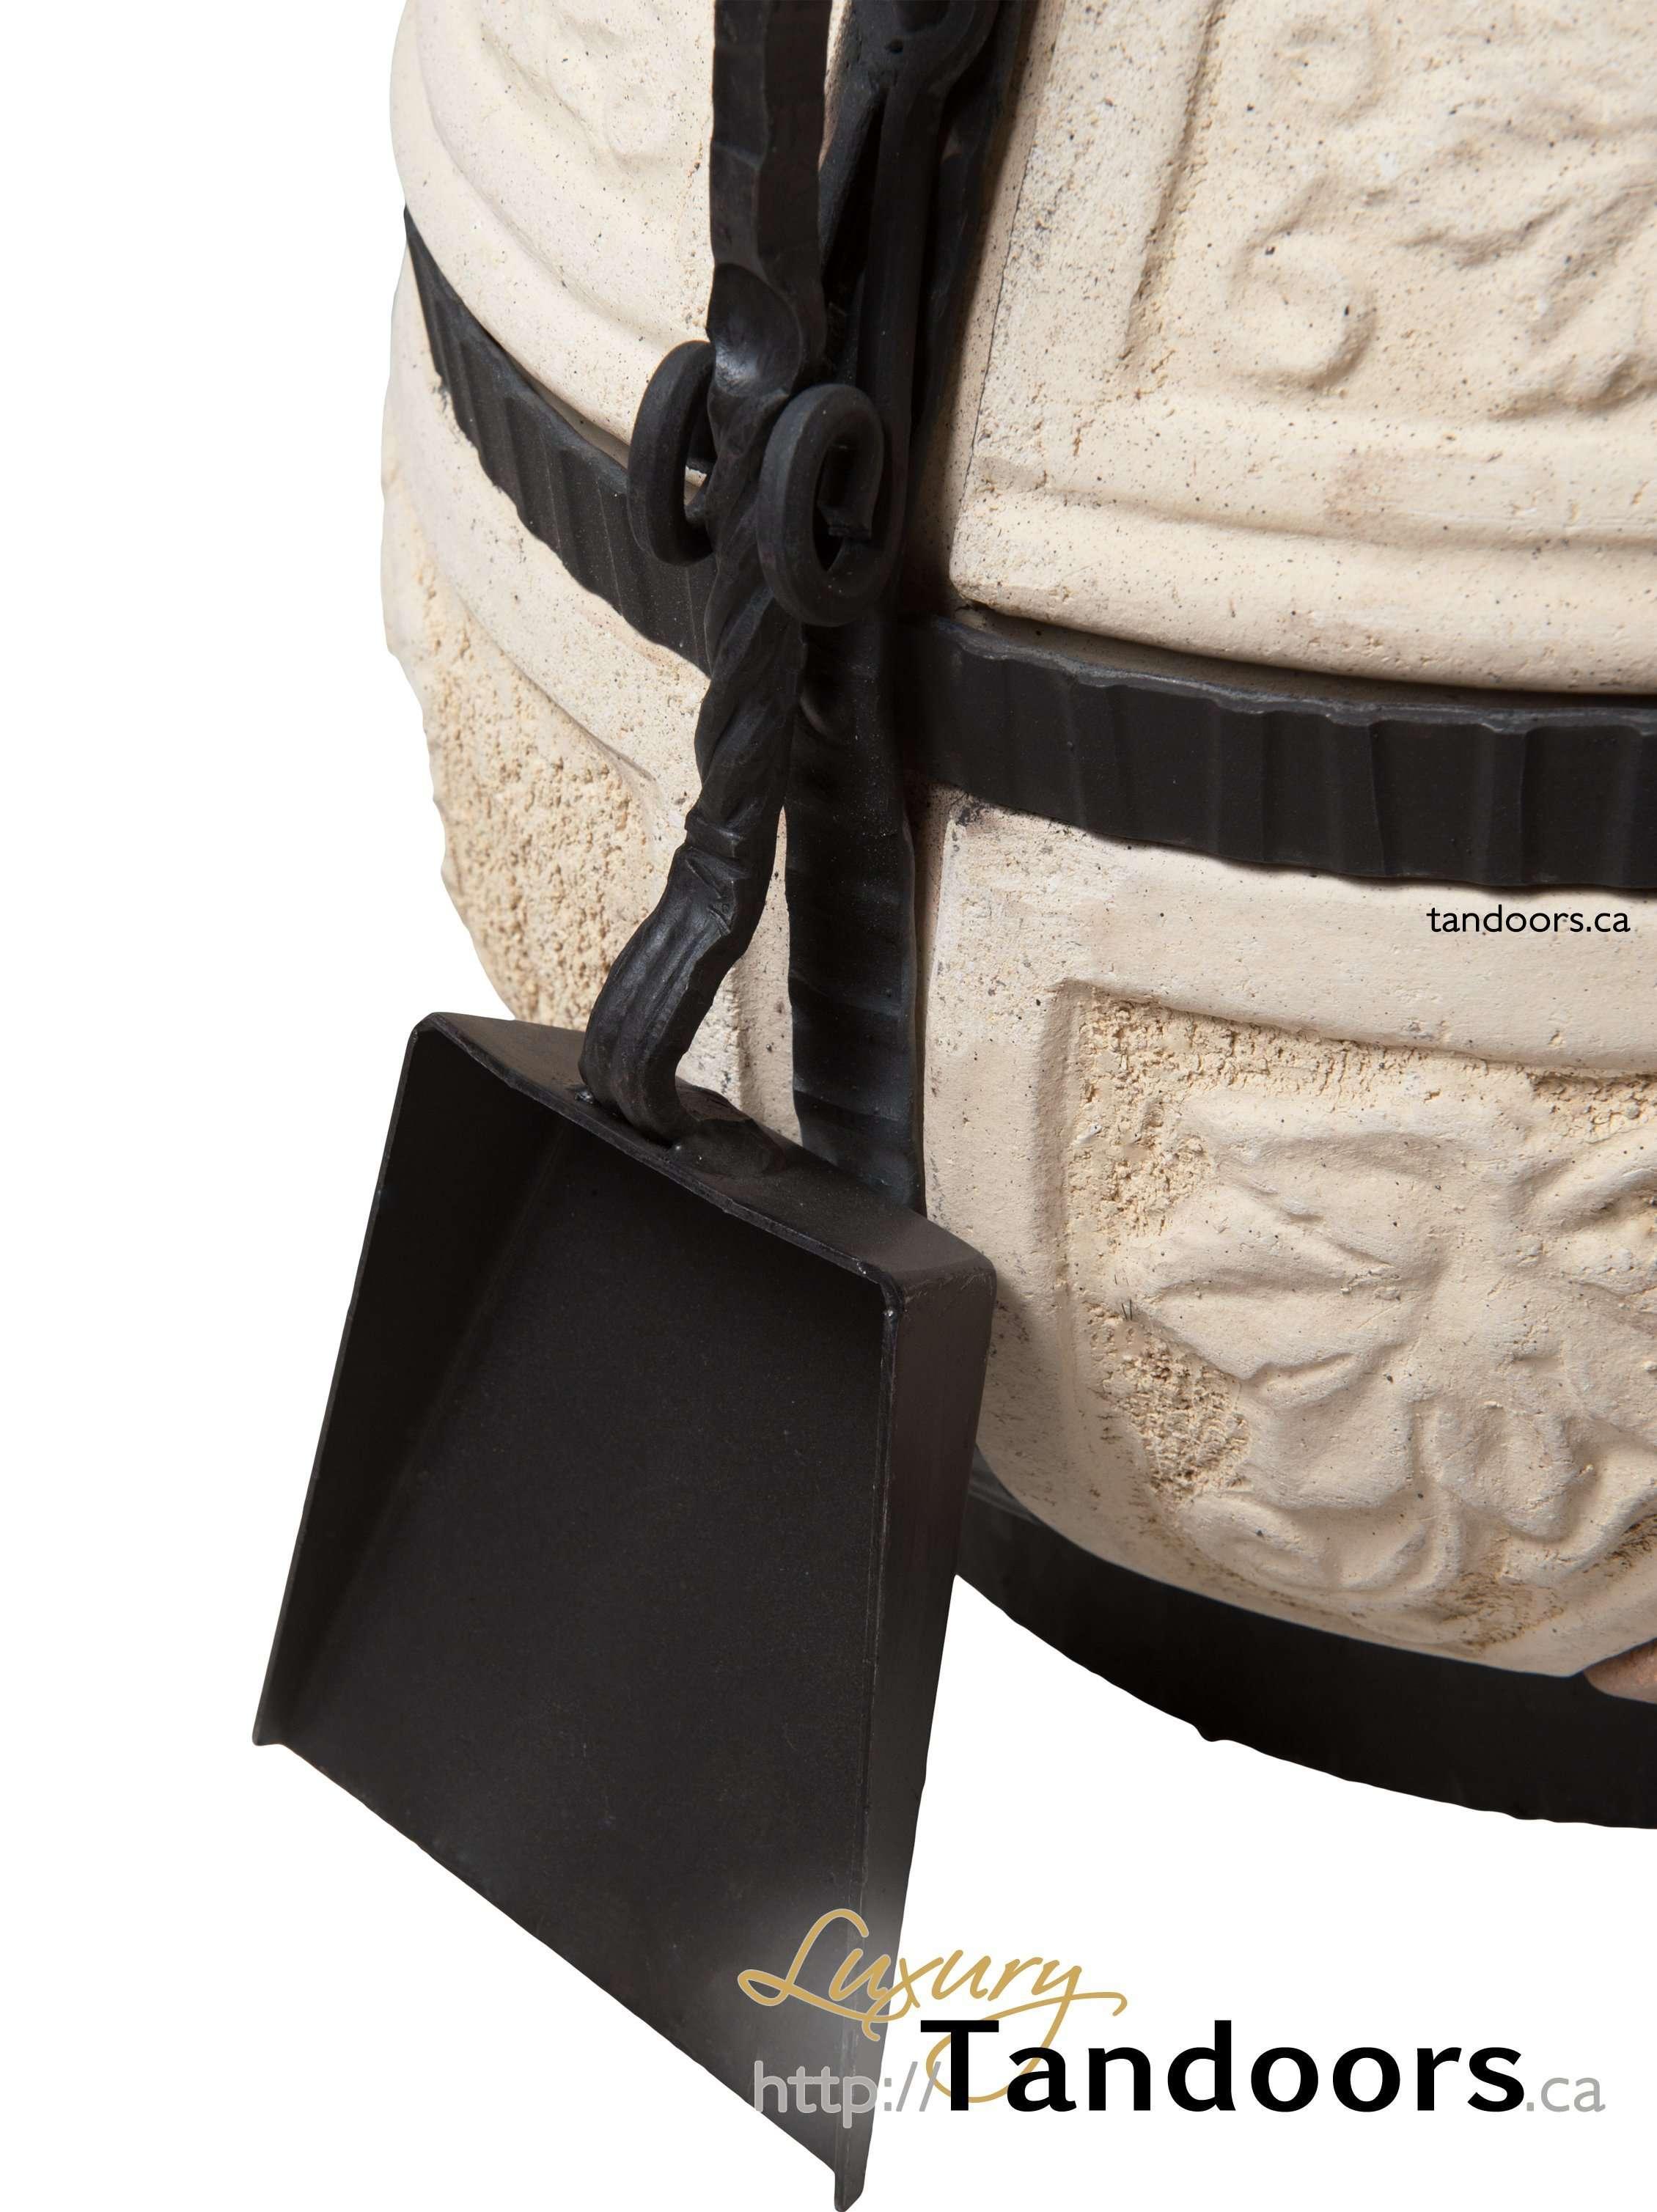 tandoor nomad luxury outdoor home tandoor bbq and accessories